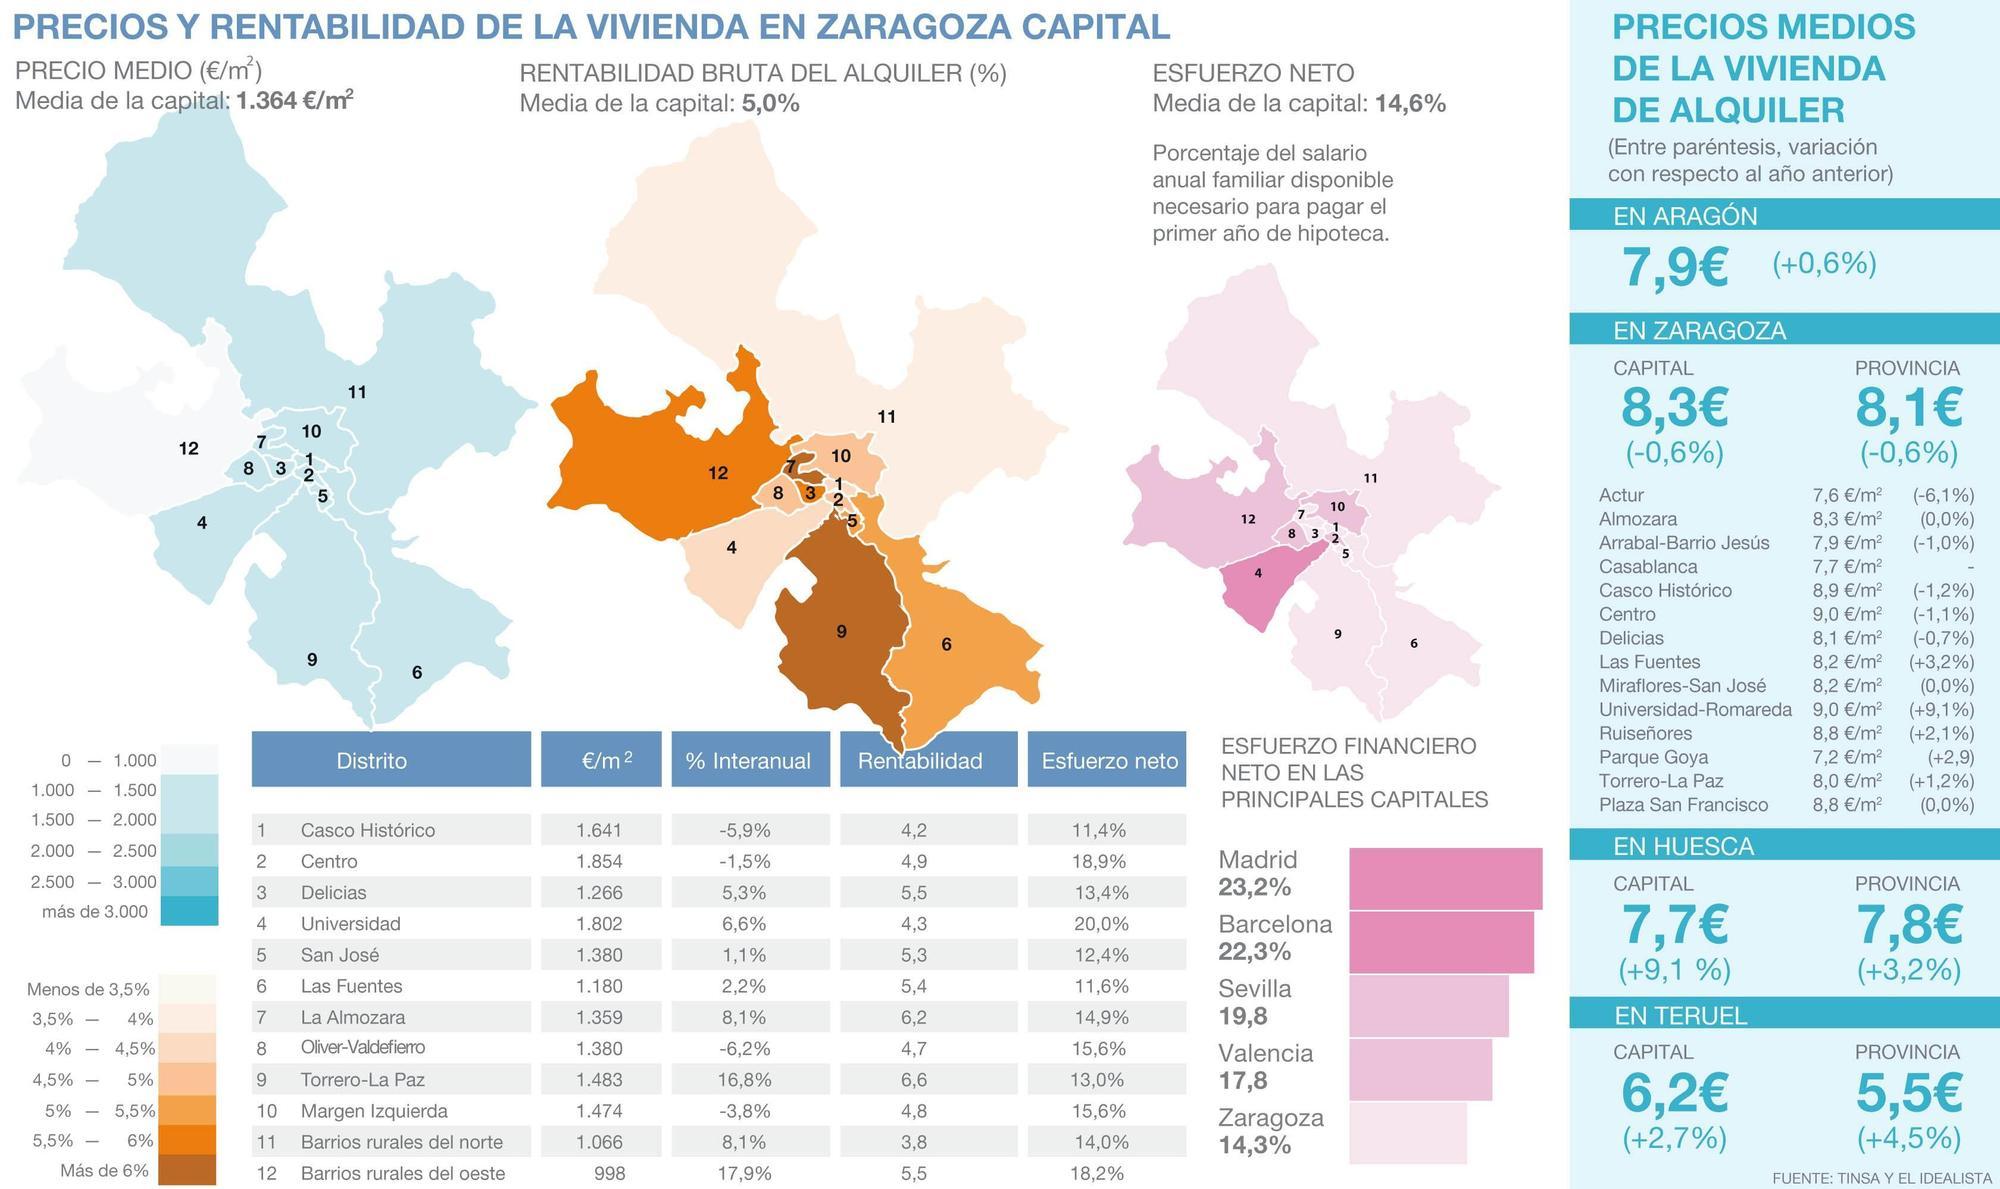 El precio de la vivienda de alquiler en Zaragoza y el resto de Aragón, desglosado